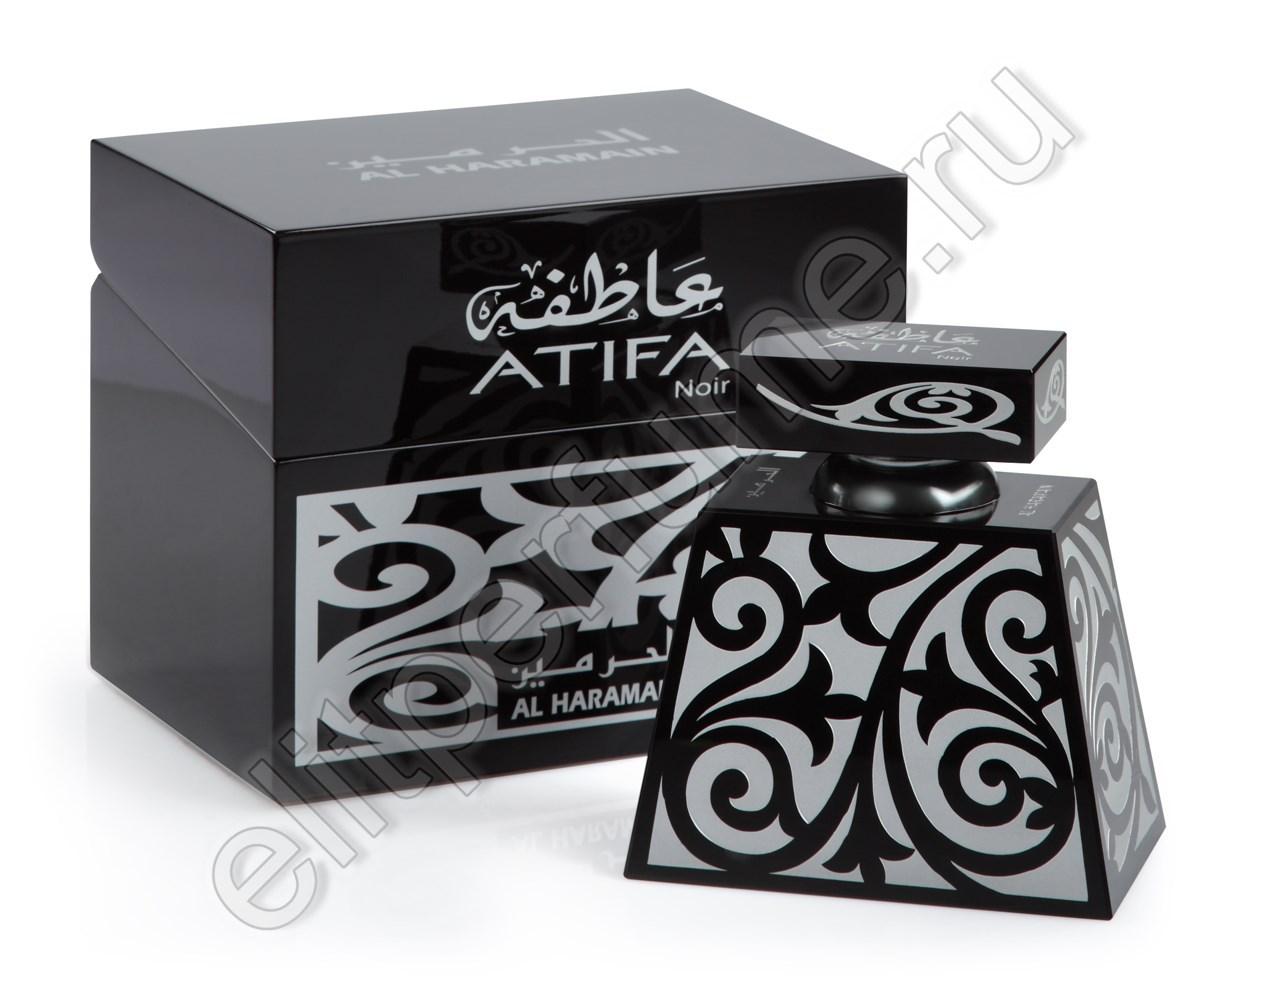 Атифа Нуар Atifa Noir 24 мл арабские масляные духи от Аль Харамайн Al Haramain Perfumes